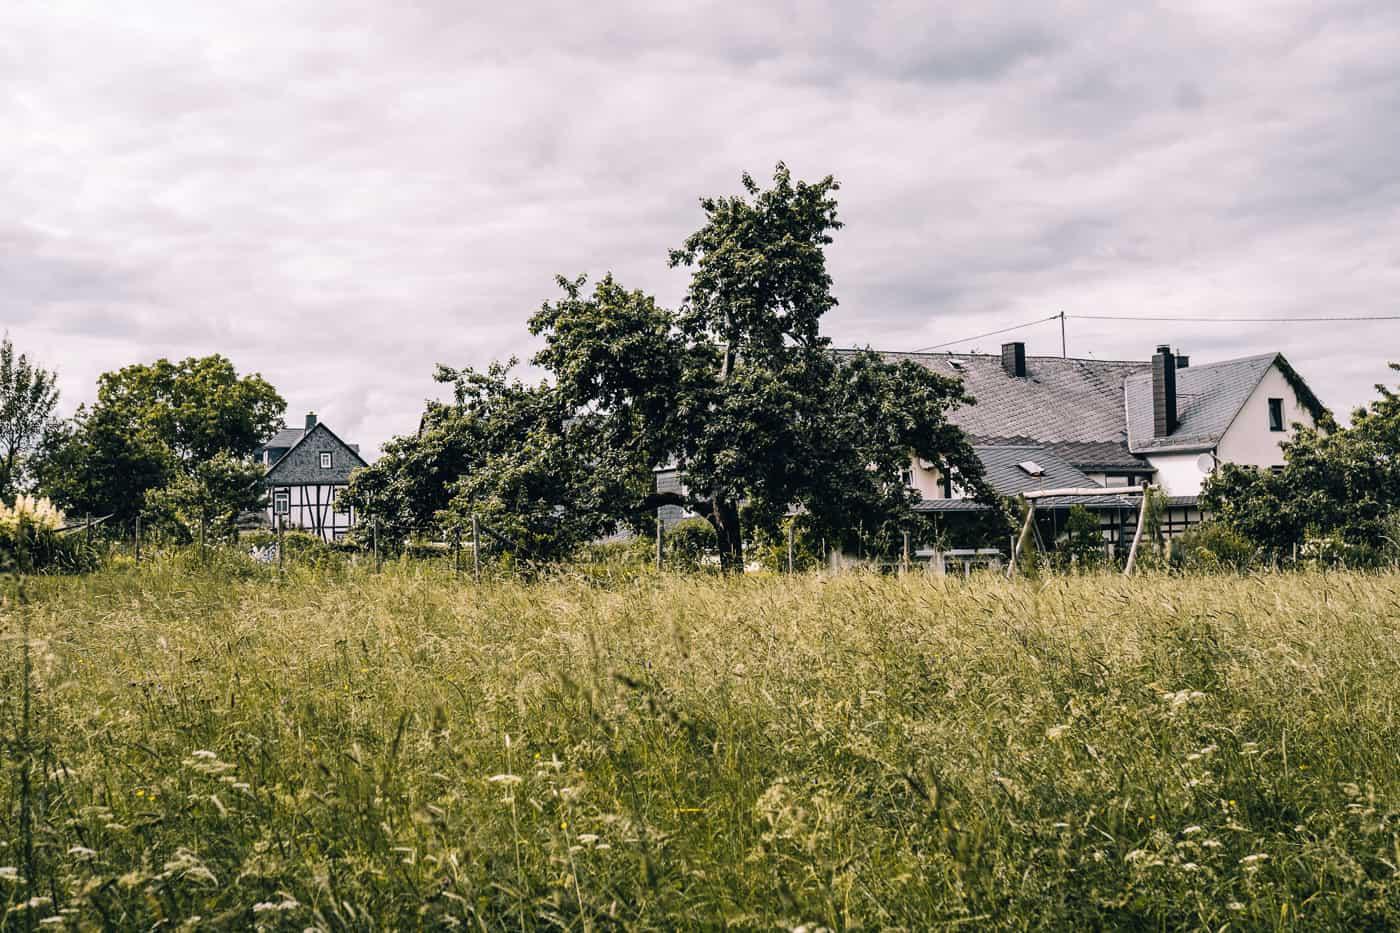 Baybachklamm Traumschleife Wanderung - Das Dorf Steffenshof